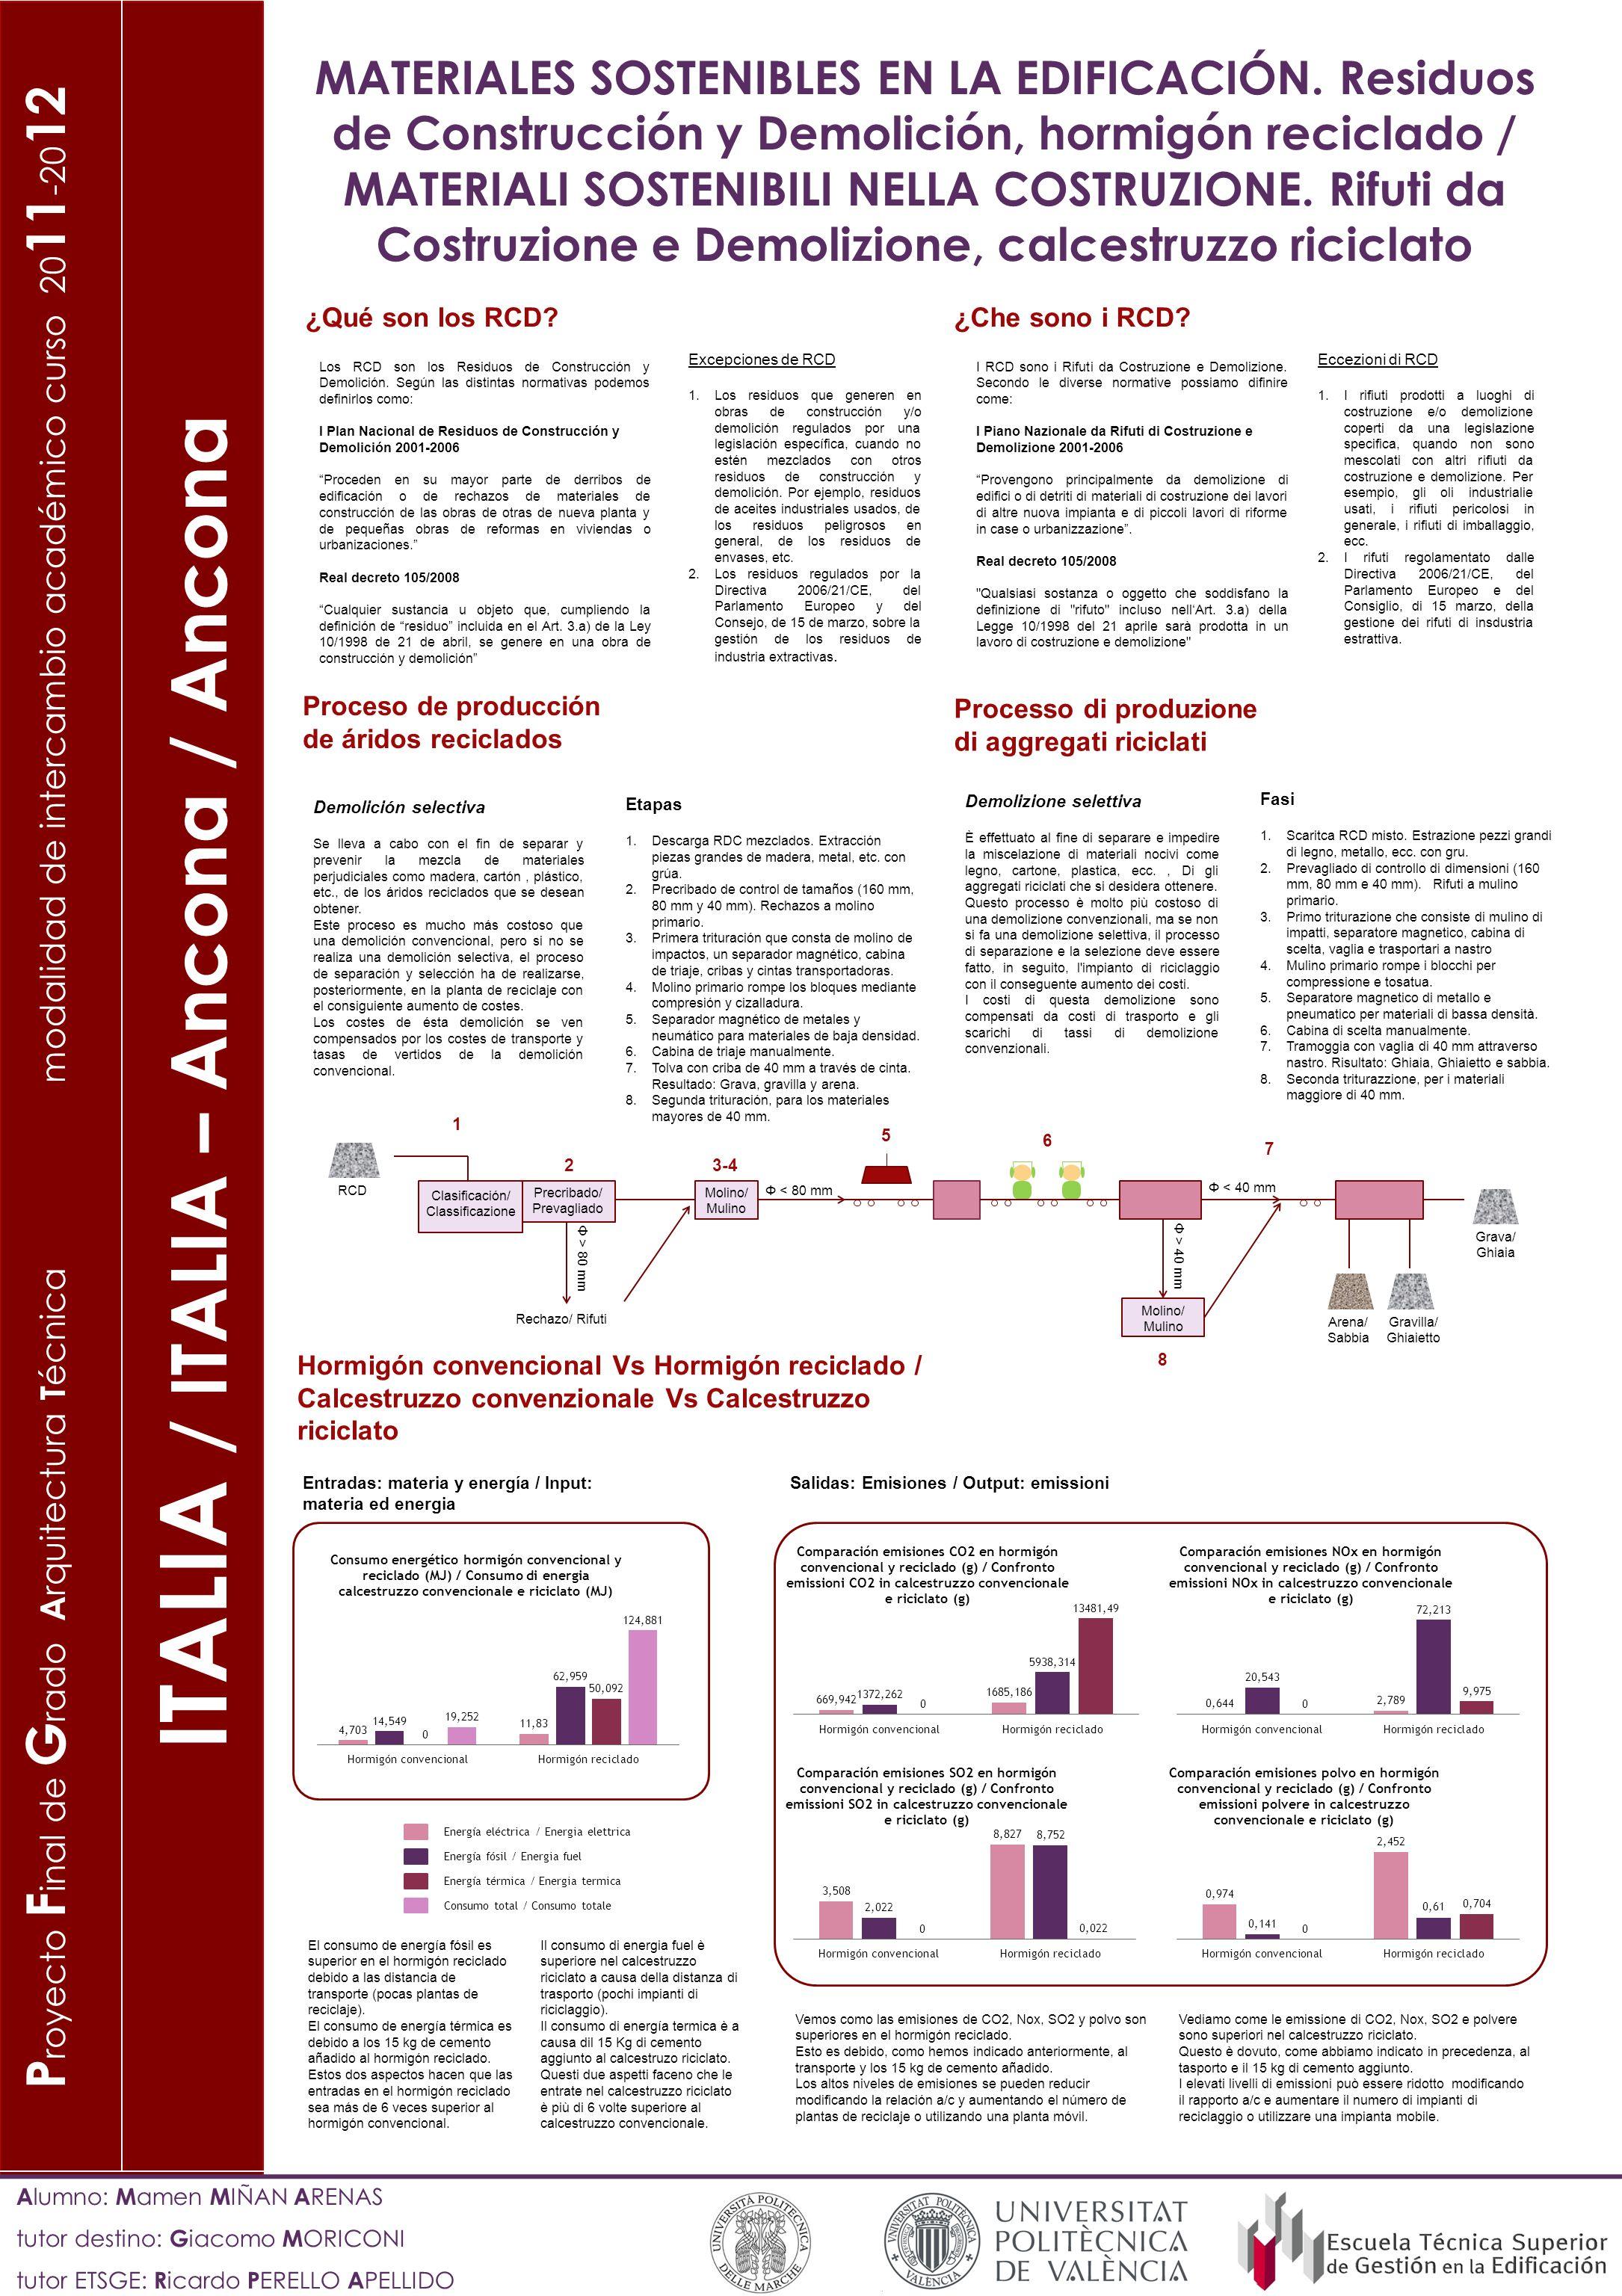 P royecto F inal de G rado A rquitectura T écnica modalidad de intercambio académico curso 20 11 -20 12 ITALIA / ITALIA – Ancona / Ancona A lumno: M a